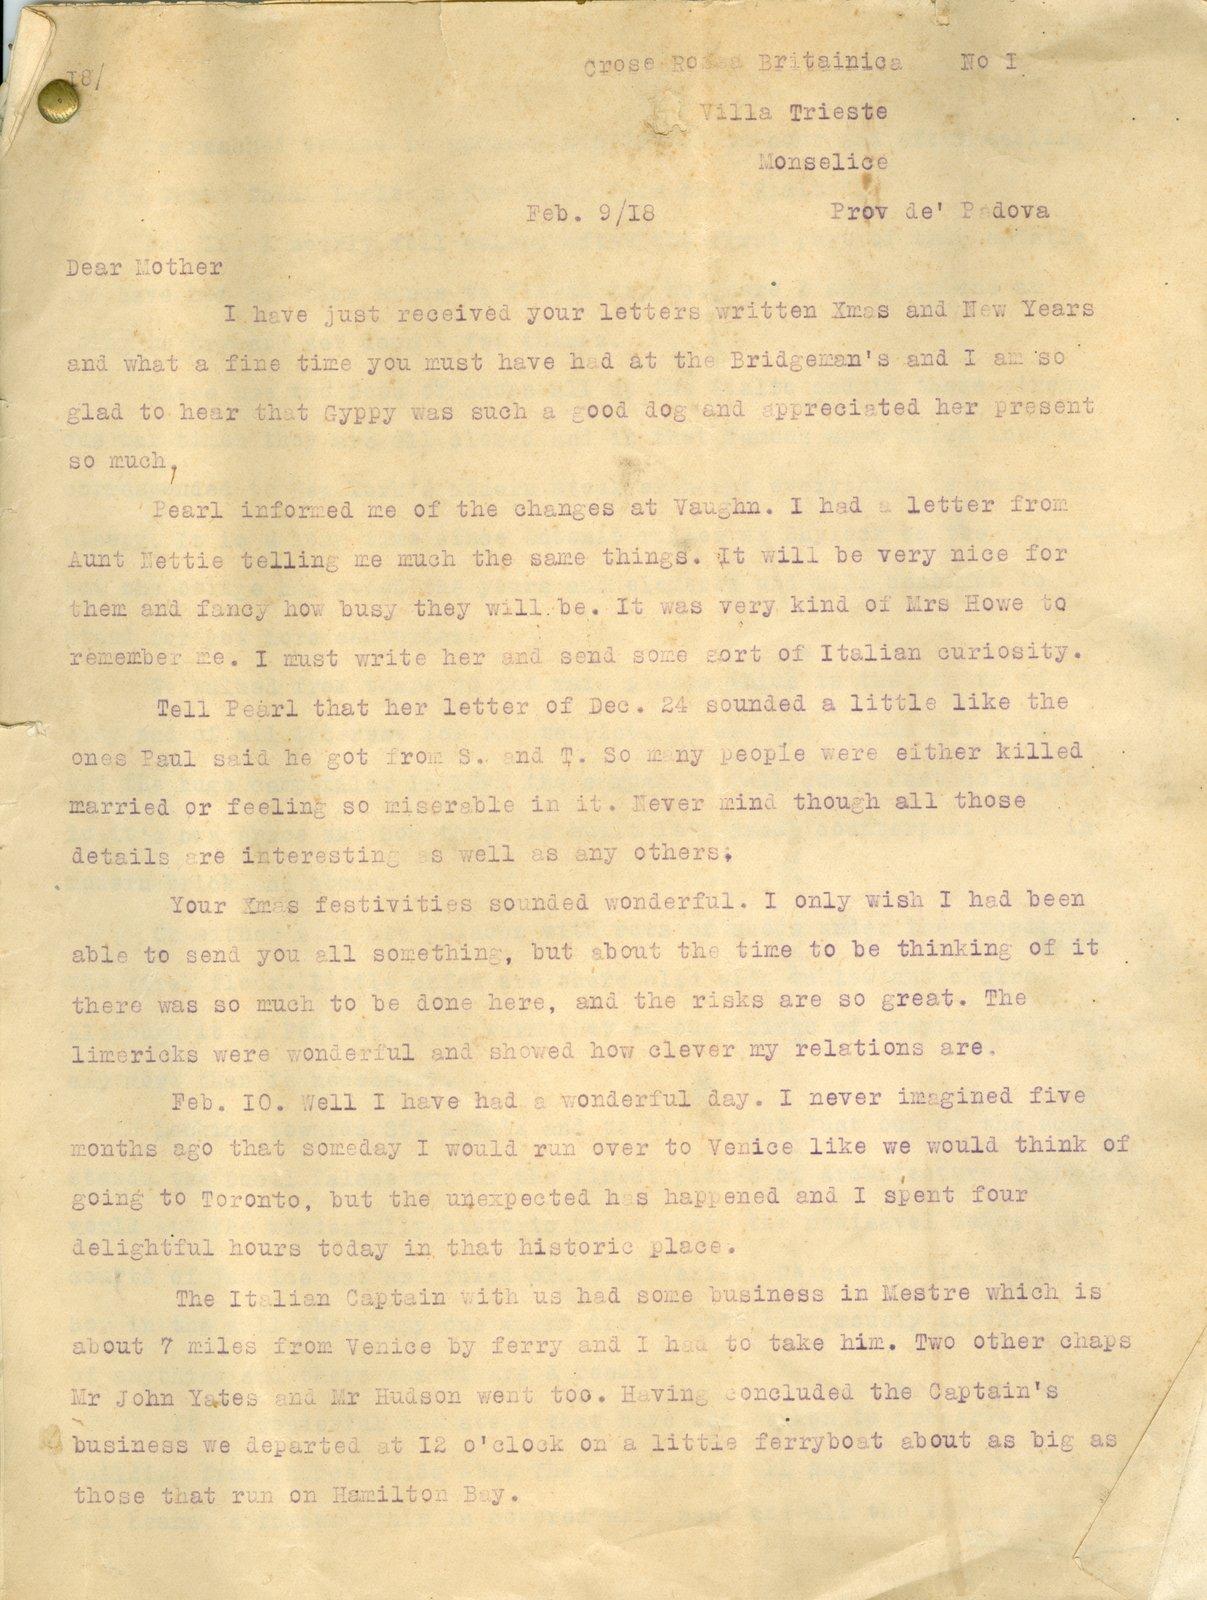 Allan Davidson Letter, February 9, 1918